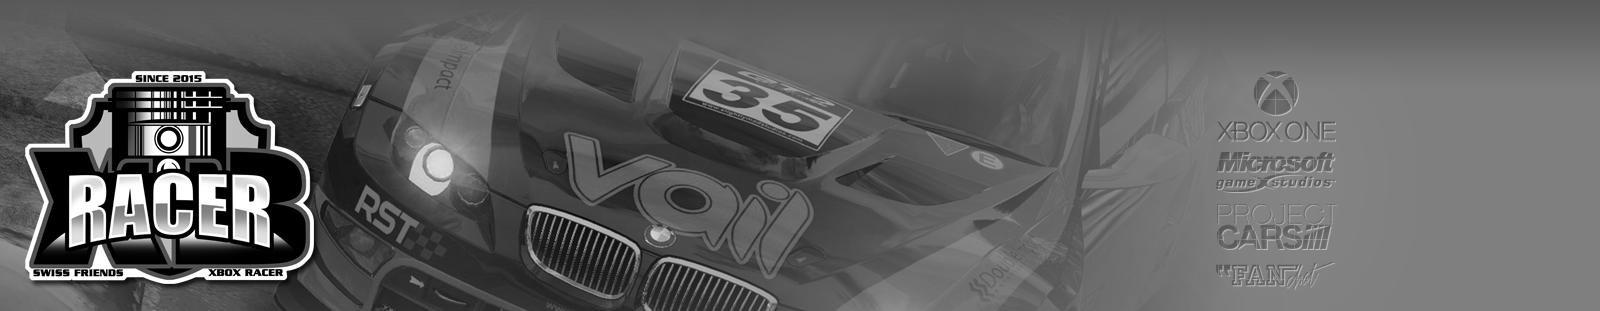 XB Racer